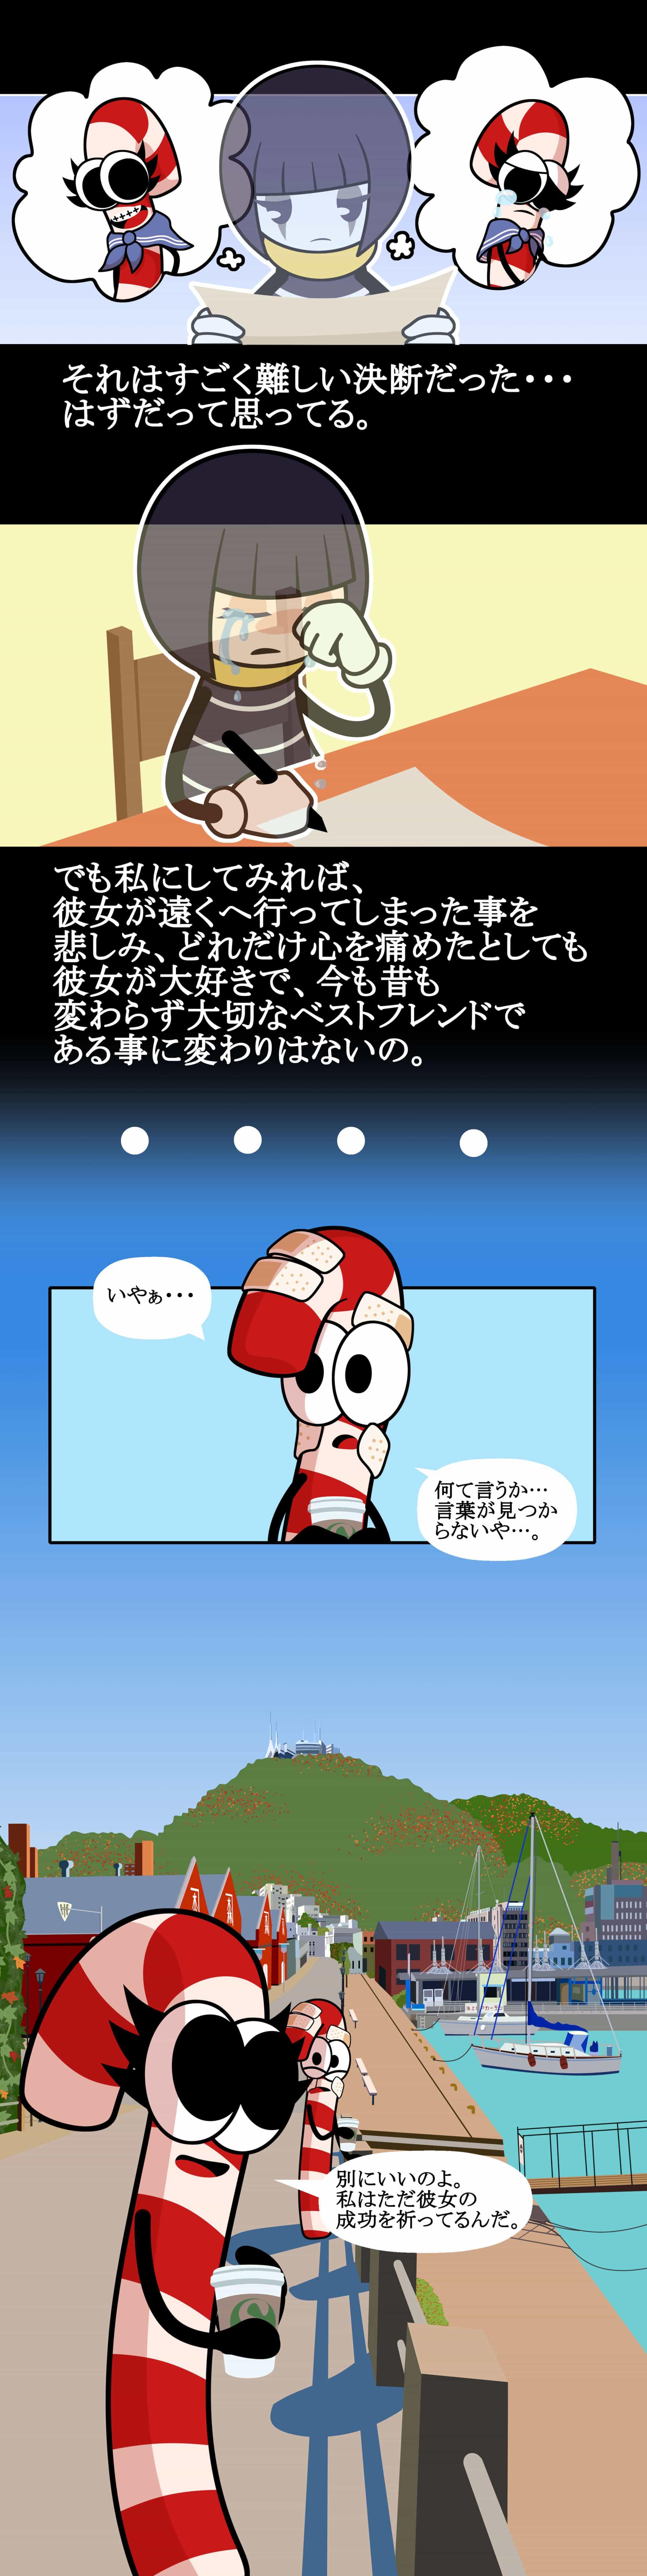 Taco Cat_21-min.jpg